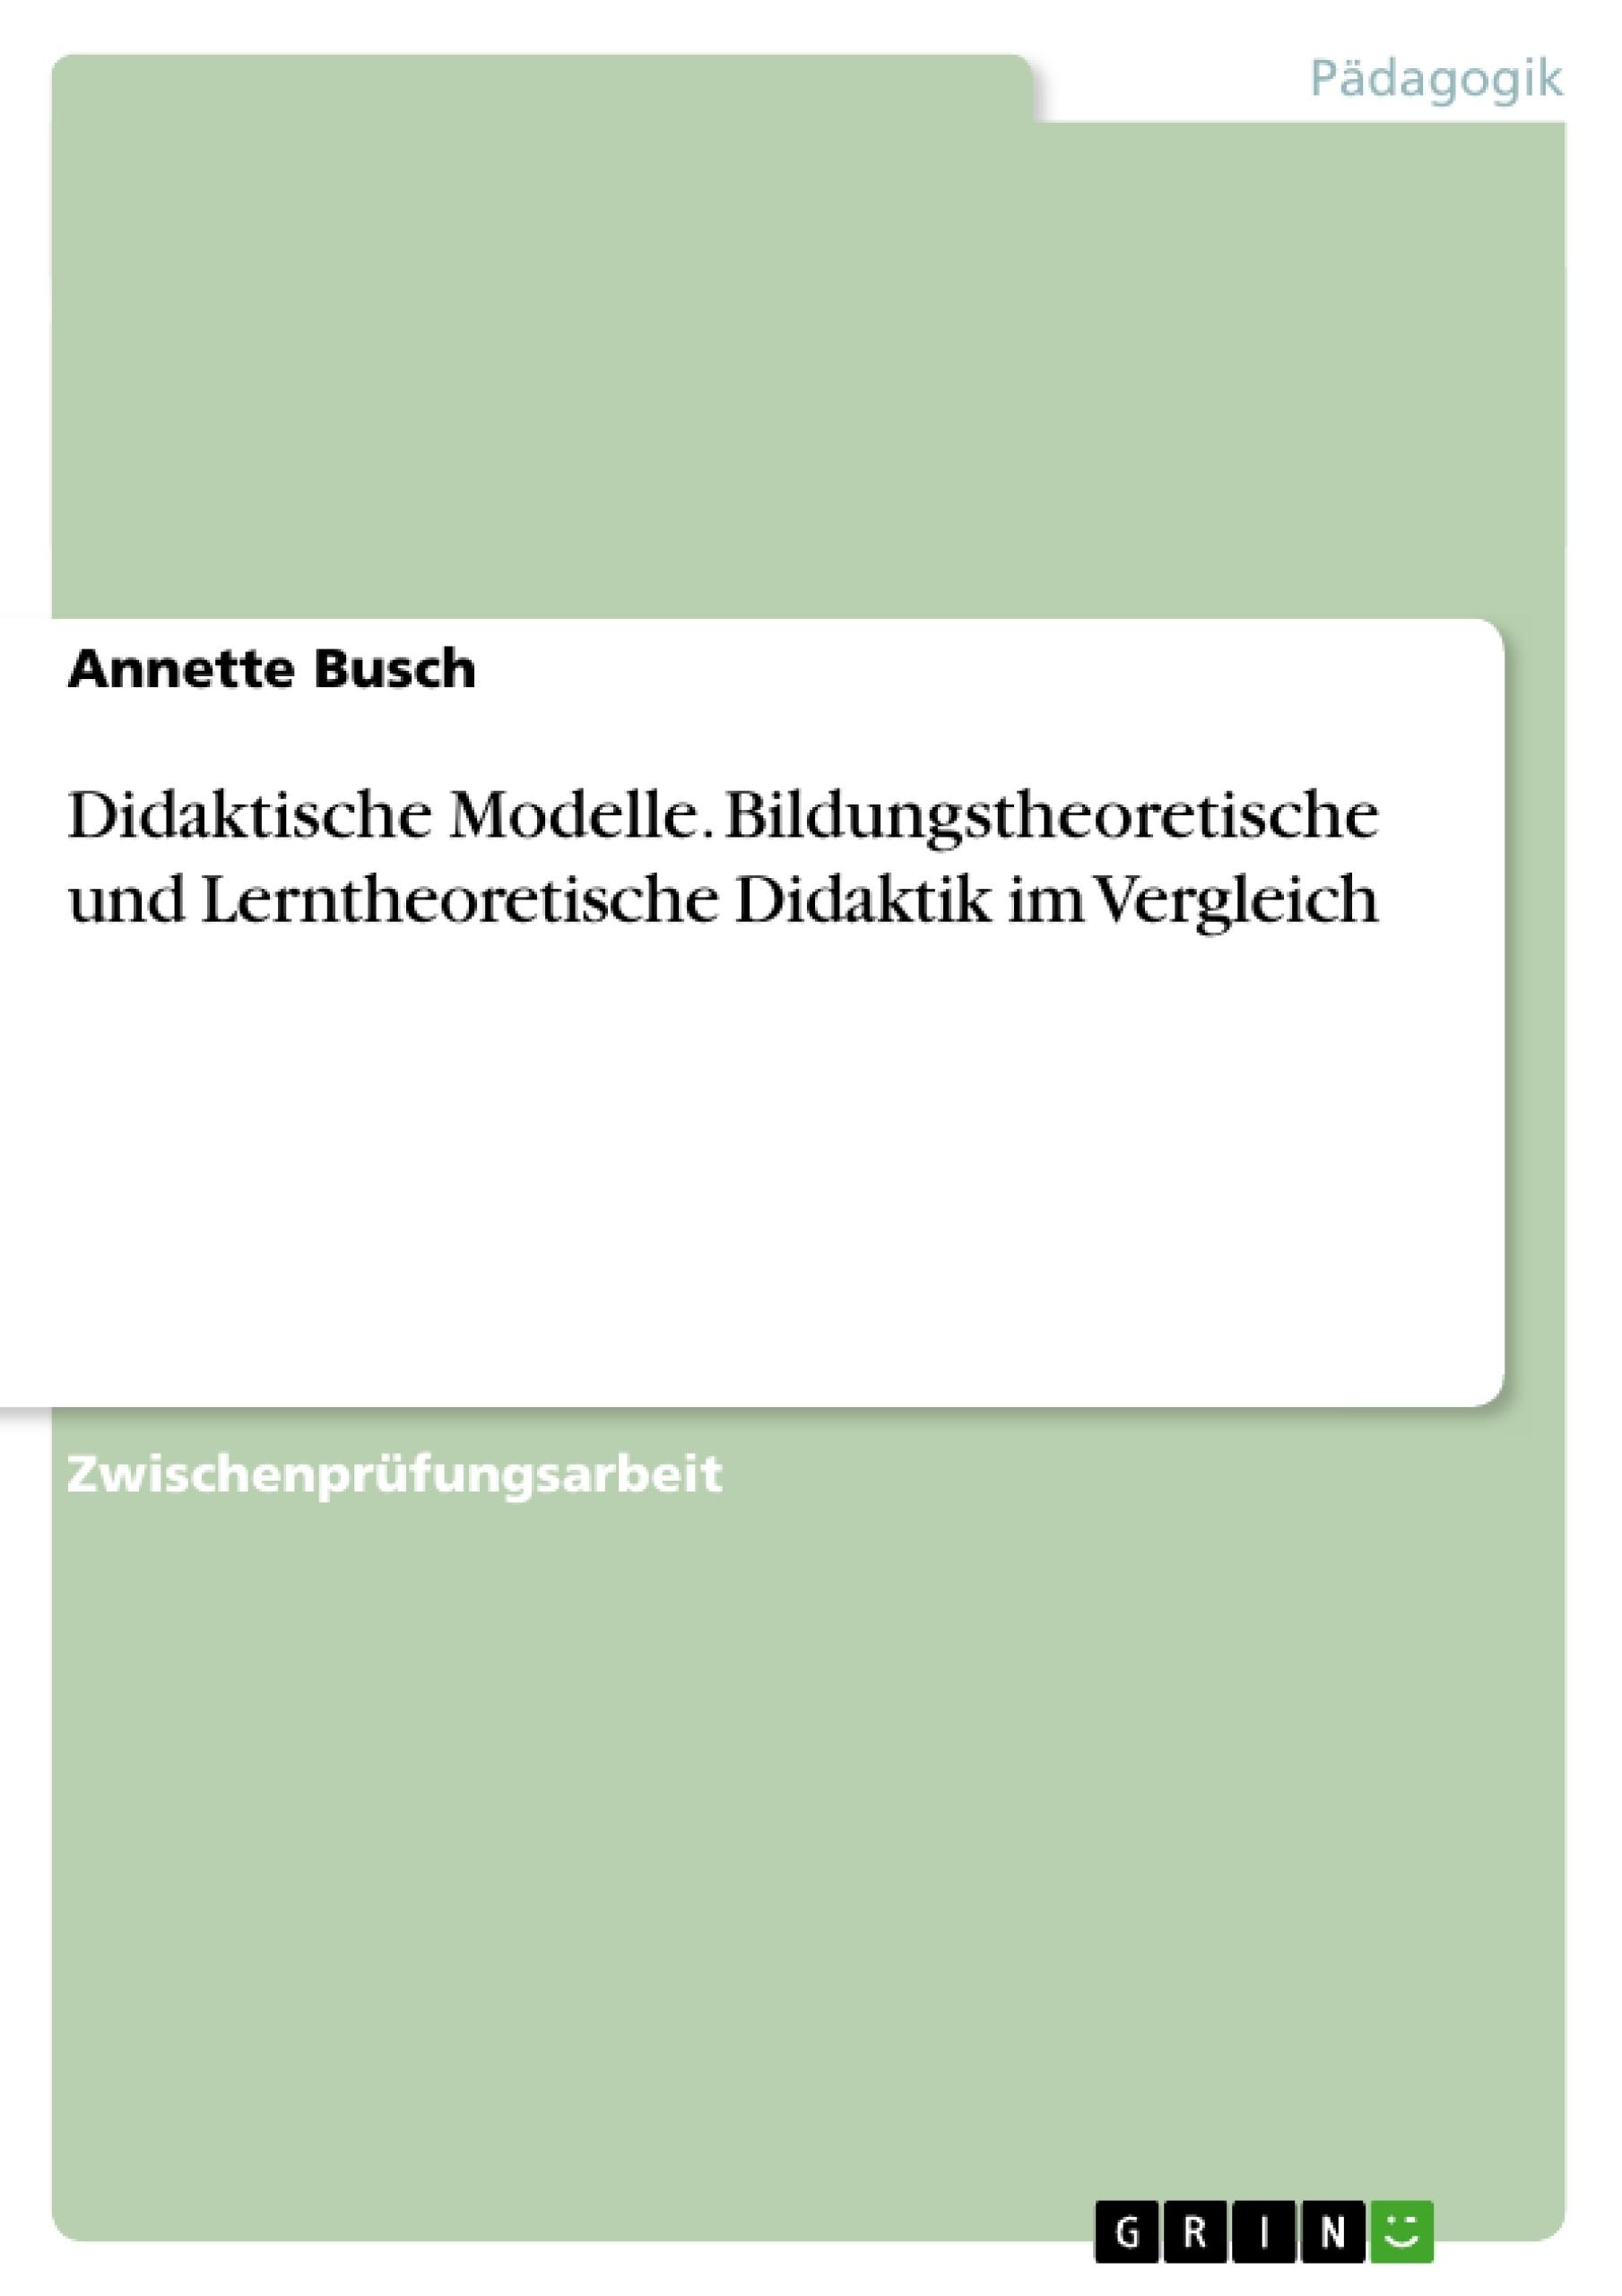 Titel: Didaktische Modelle. Bildungstheoretische und Lerntheoretische Didaktik im Vergleich